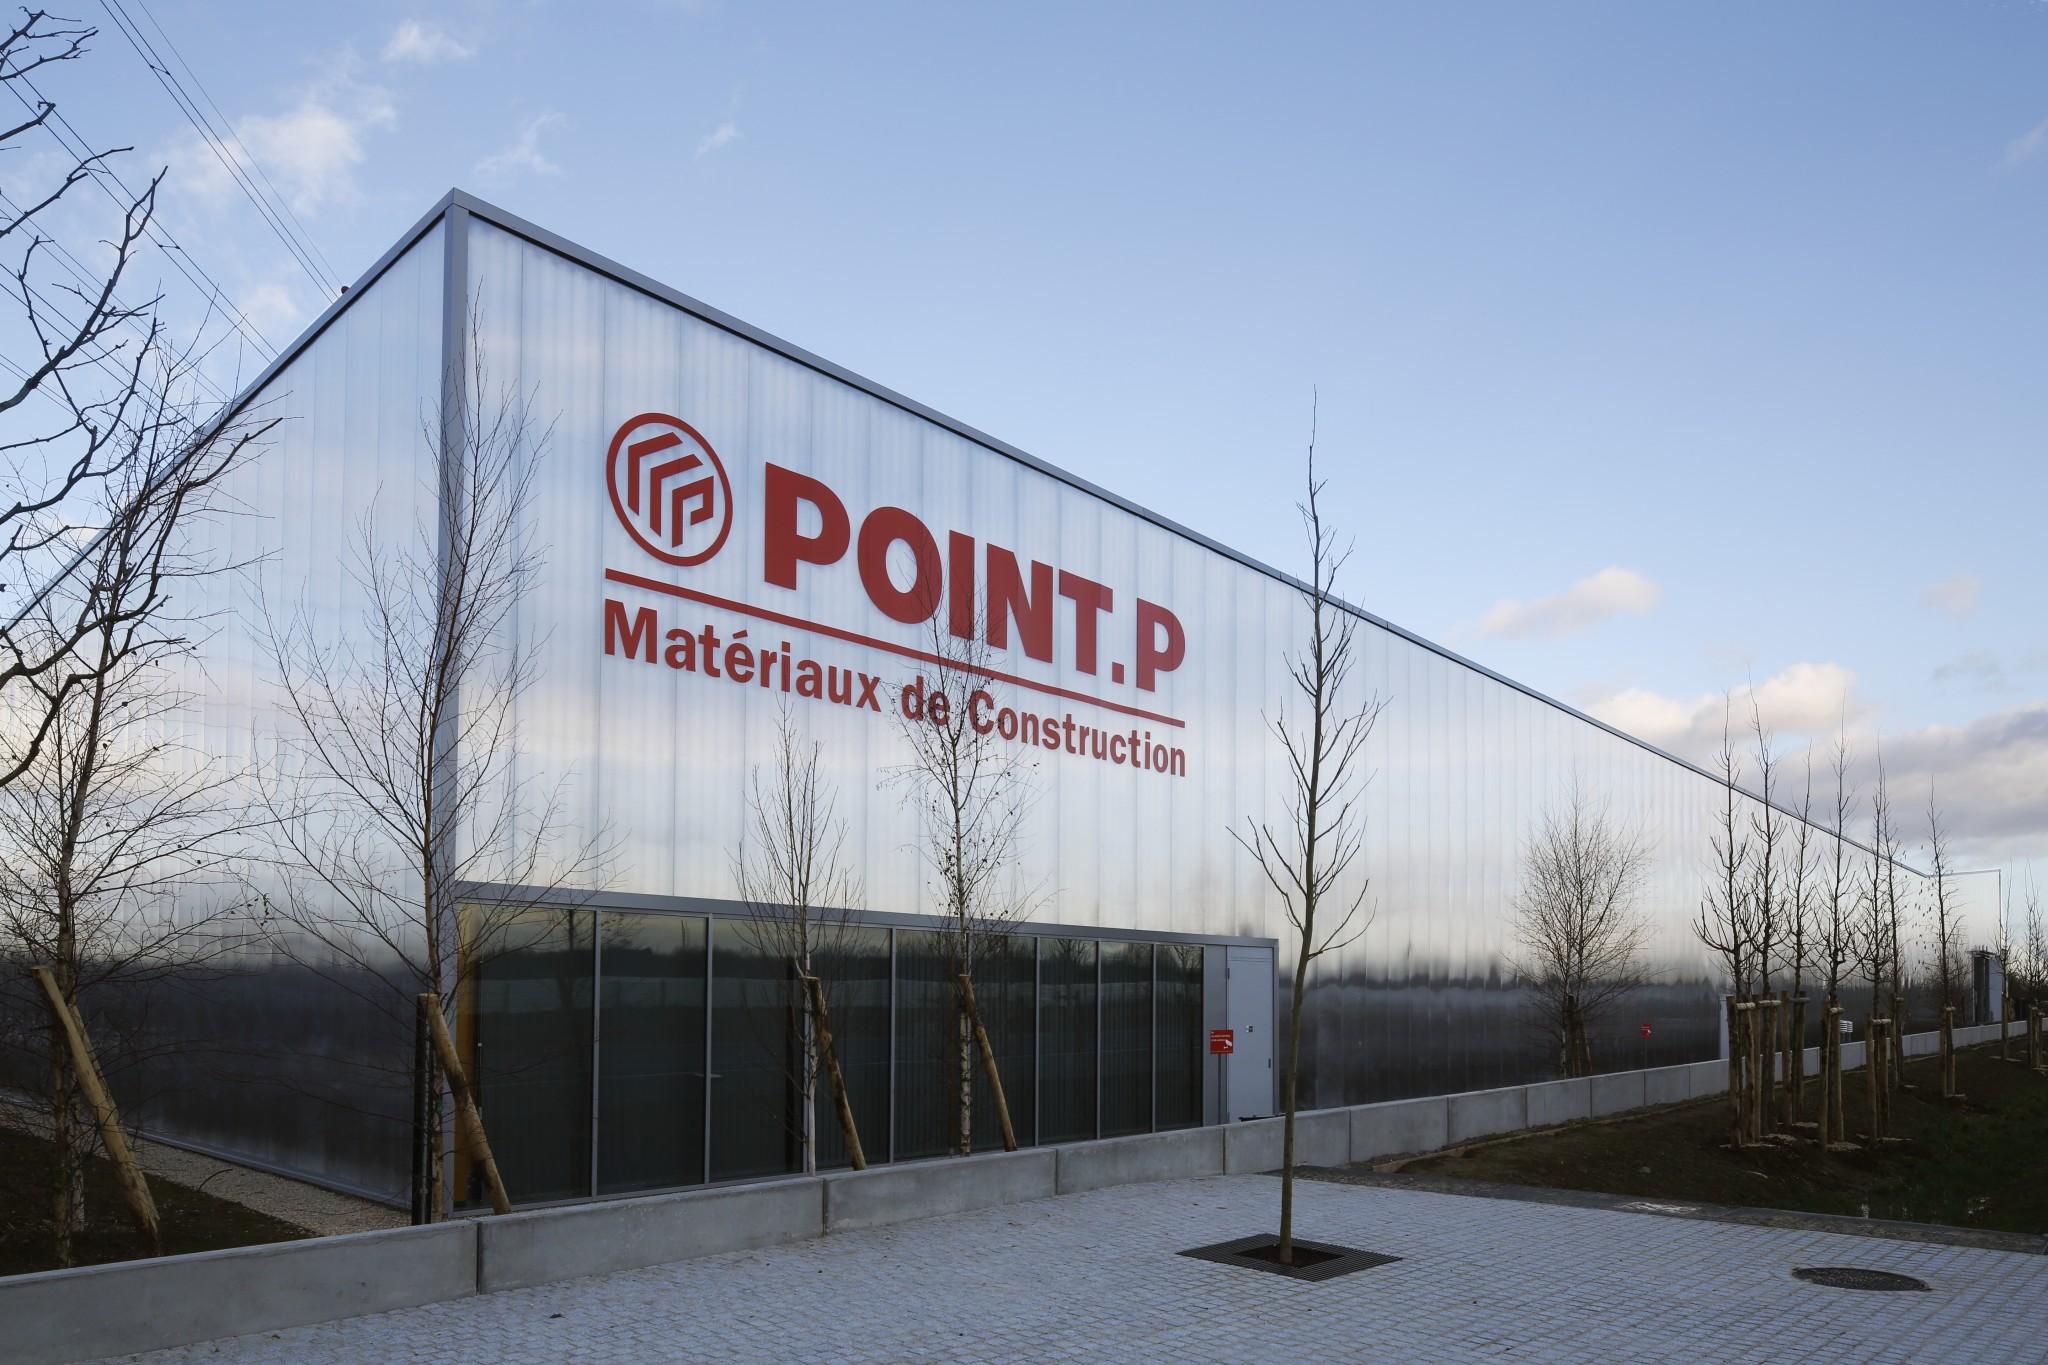 point p haguenau point p materiaux montpellier point p tp vise le march de l assainissement et. Black Bedroom Furniture Sets. Home Design Ideas